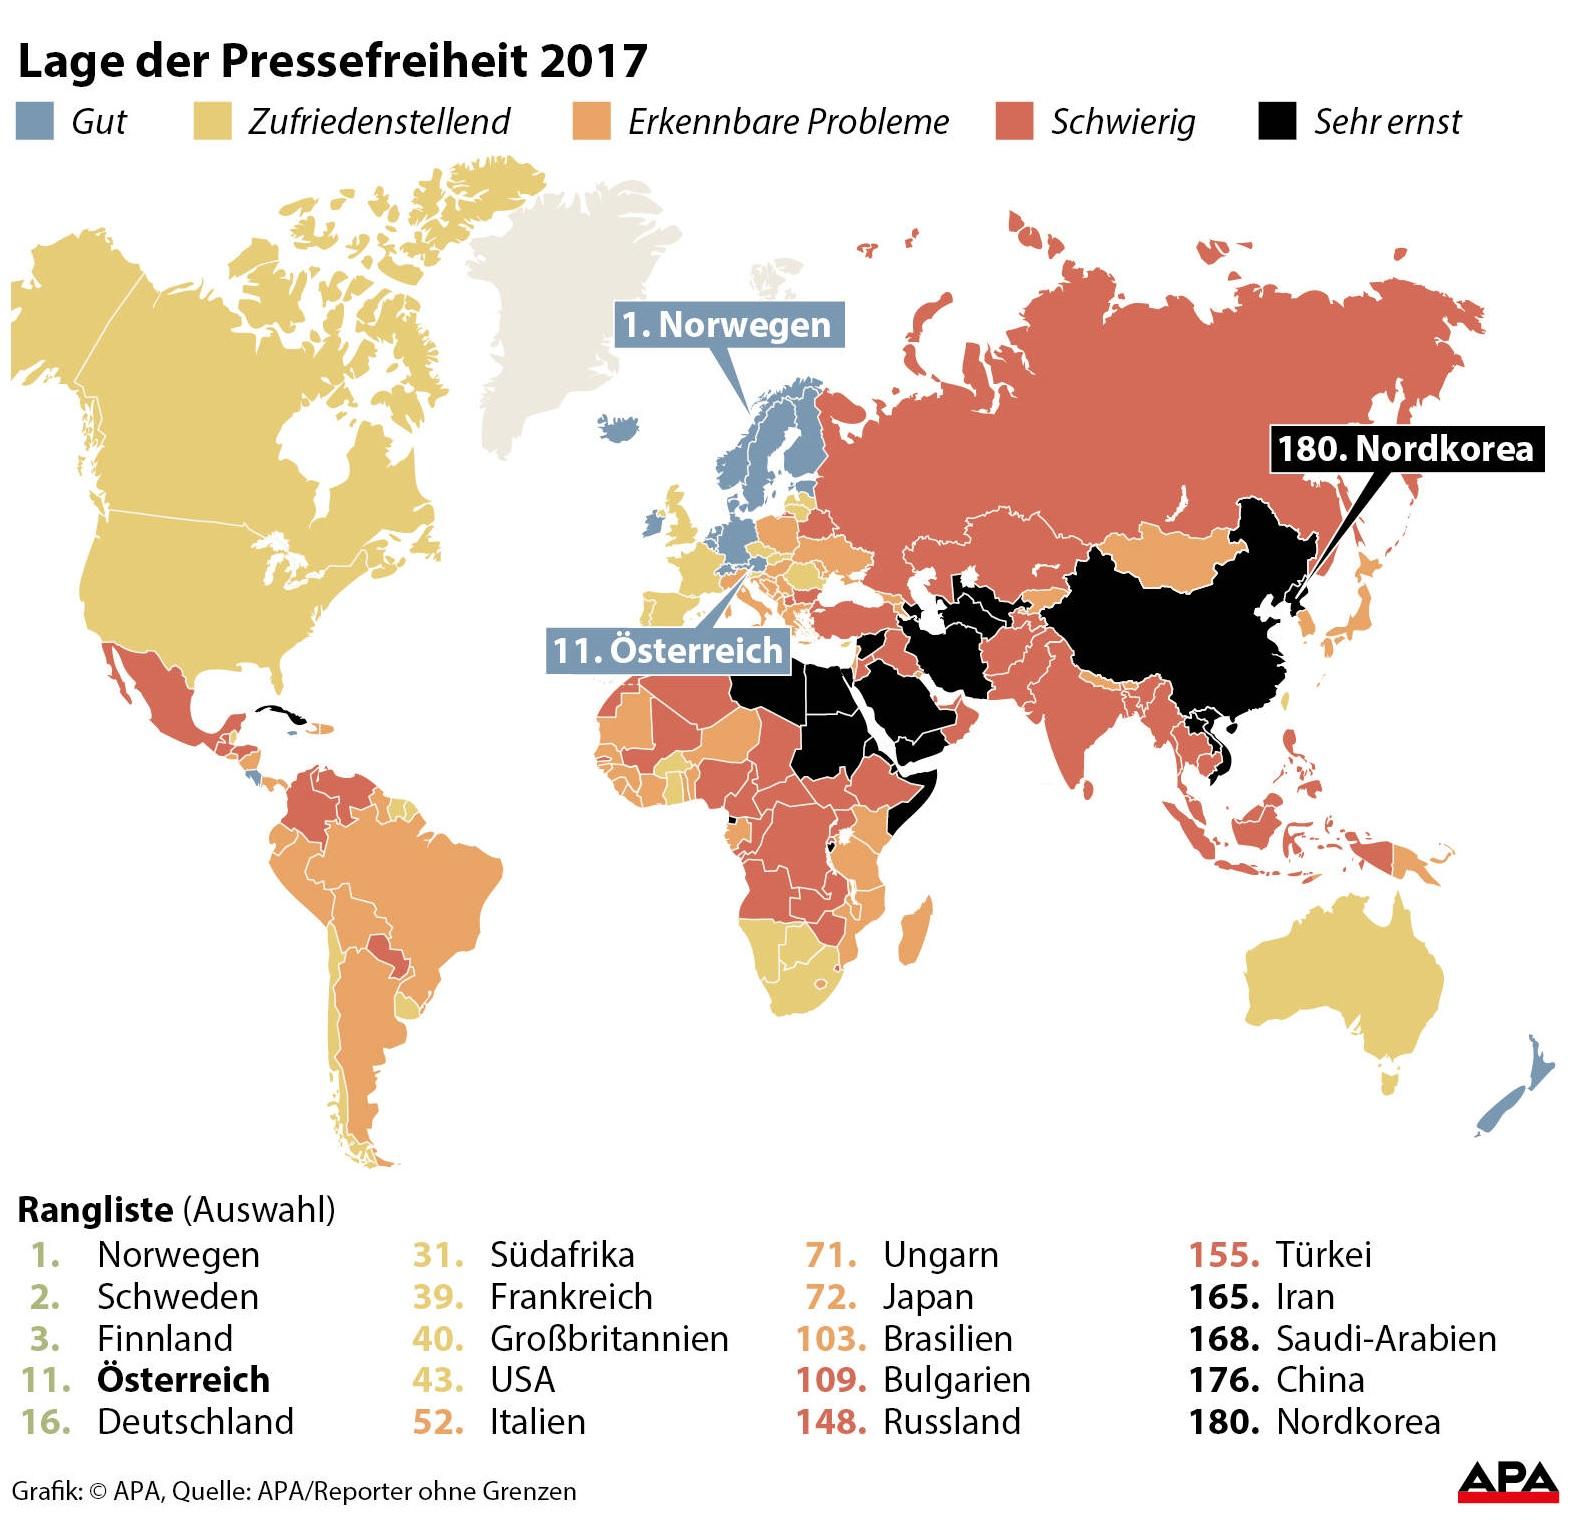 Bericht: Lage für Journalisten weltweit verschlechtert